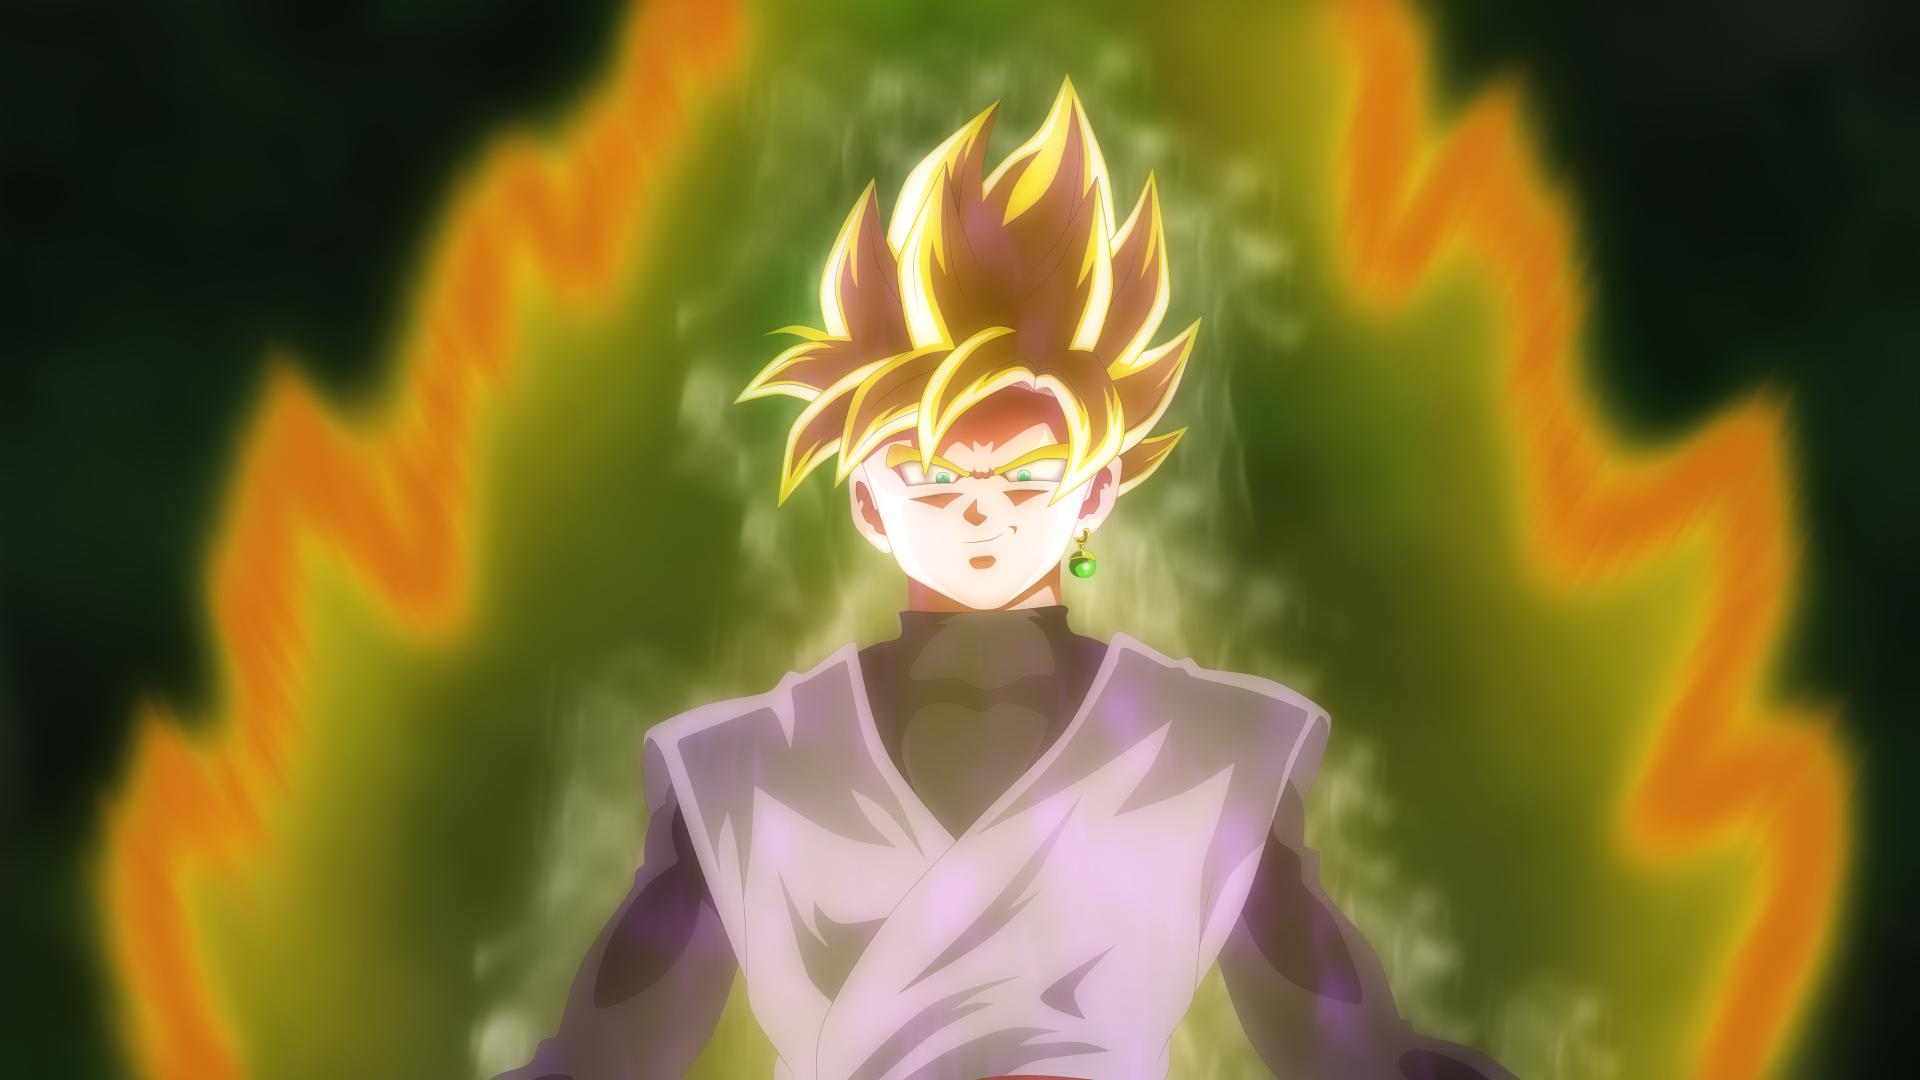 Black Goku Fondo De Pantalla And Fondo De Escritorio: Dragon Ball Super 4k Ultra Fondo De Pantalla HD